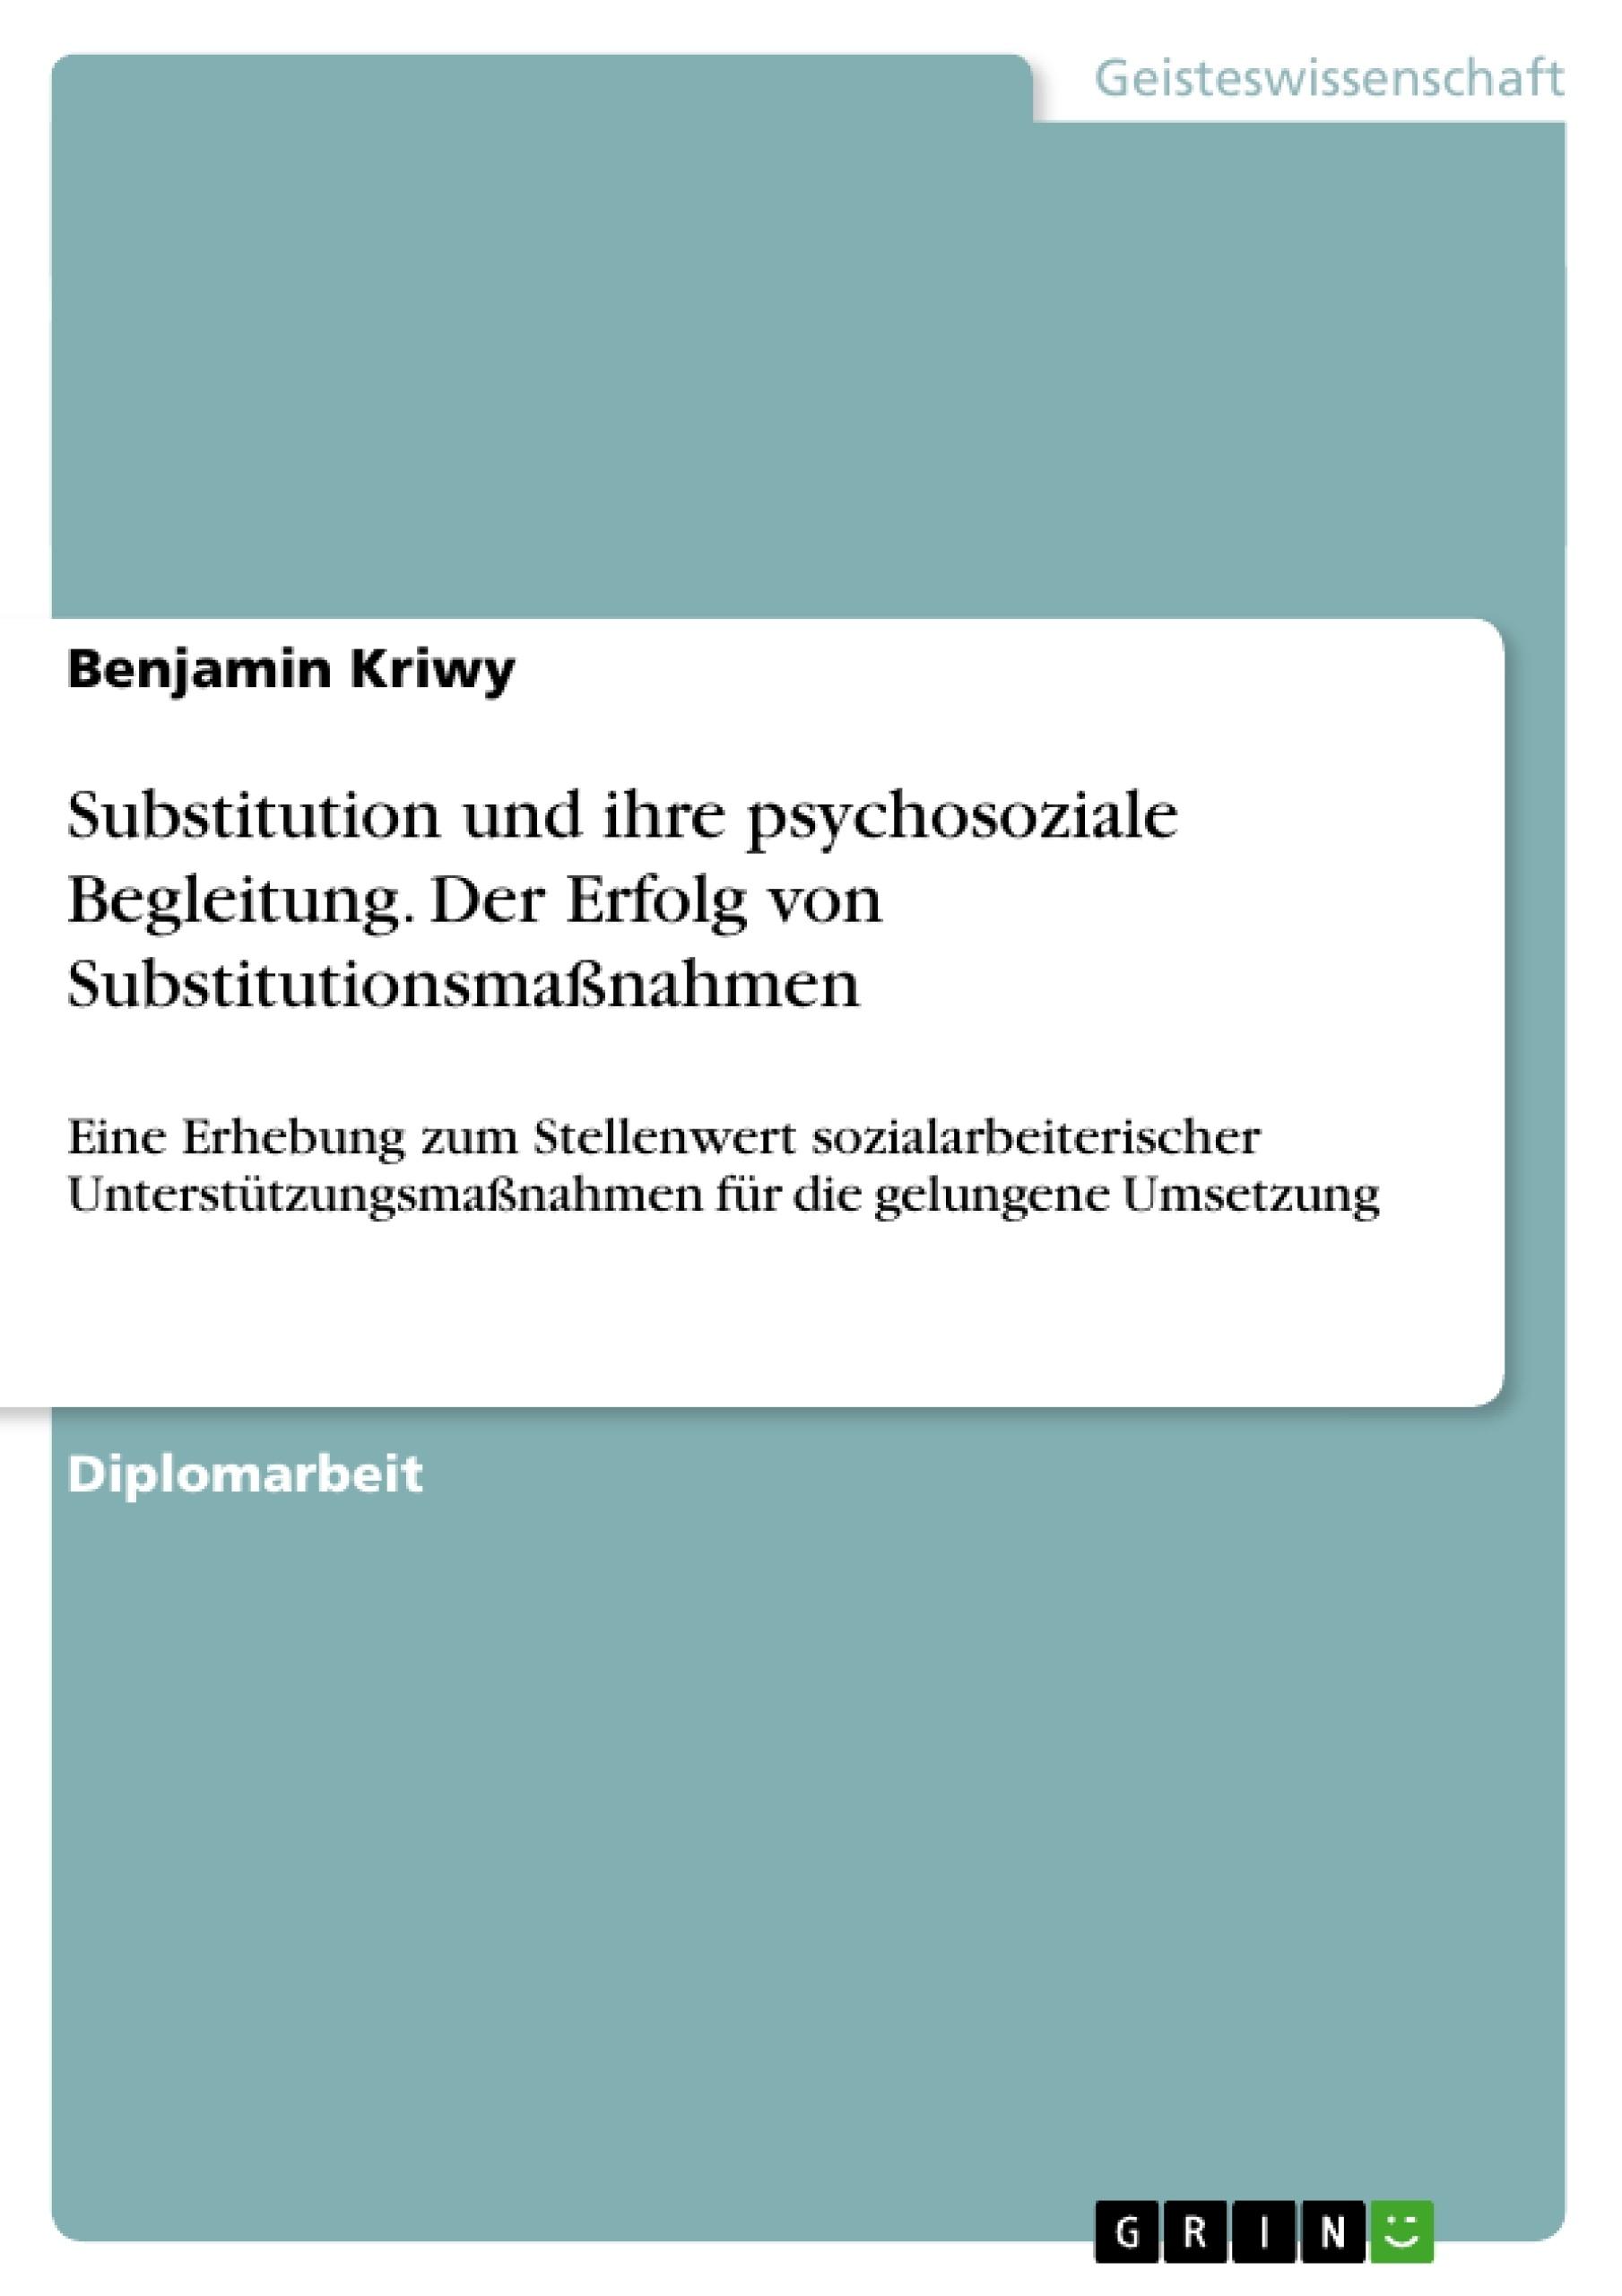 Titel: Substitution und ihre psychosoziale Begleitung. Der Erfolg von Substitutionsmaßnahmen